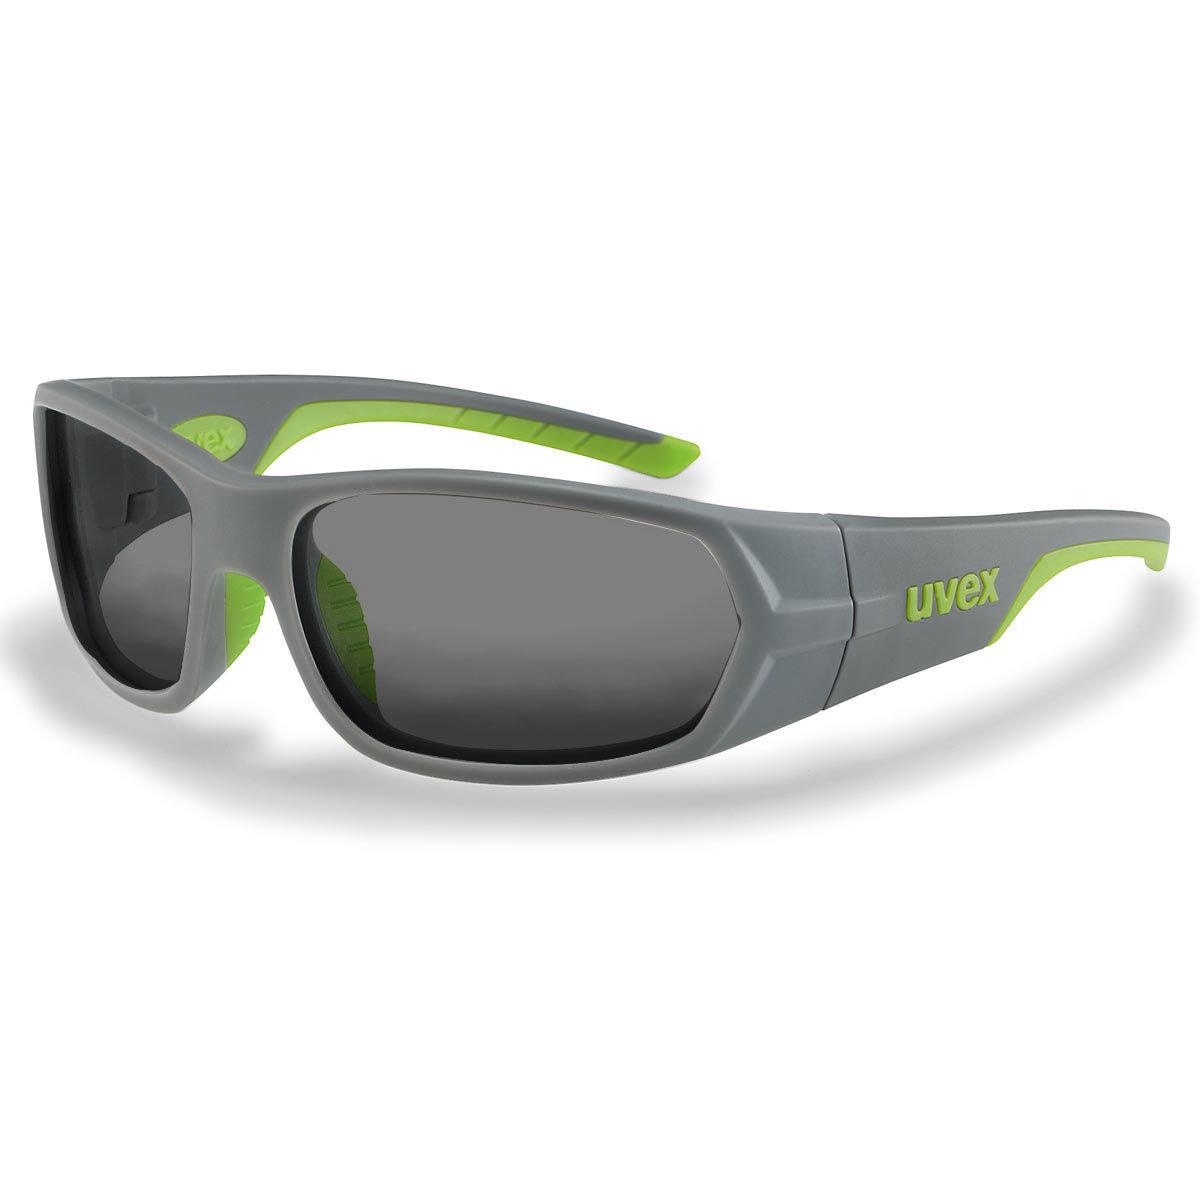 Uvex Korrektionsschutzbrille RX sp 5513 - grau getönt